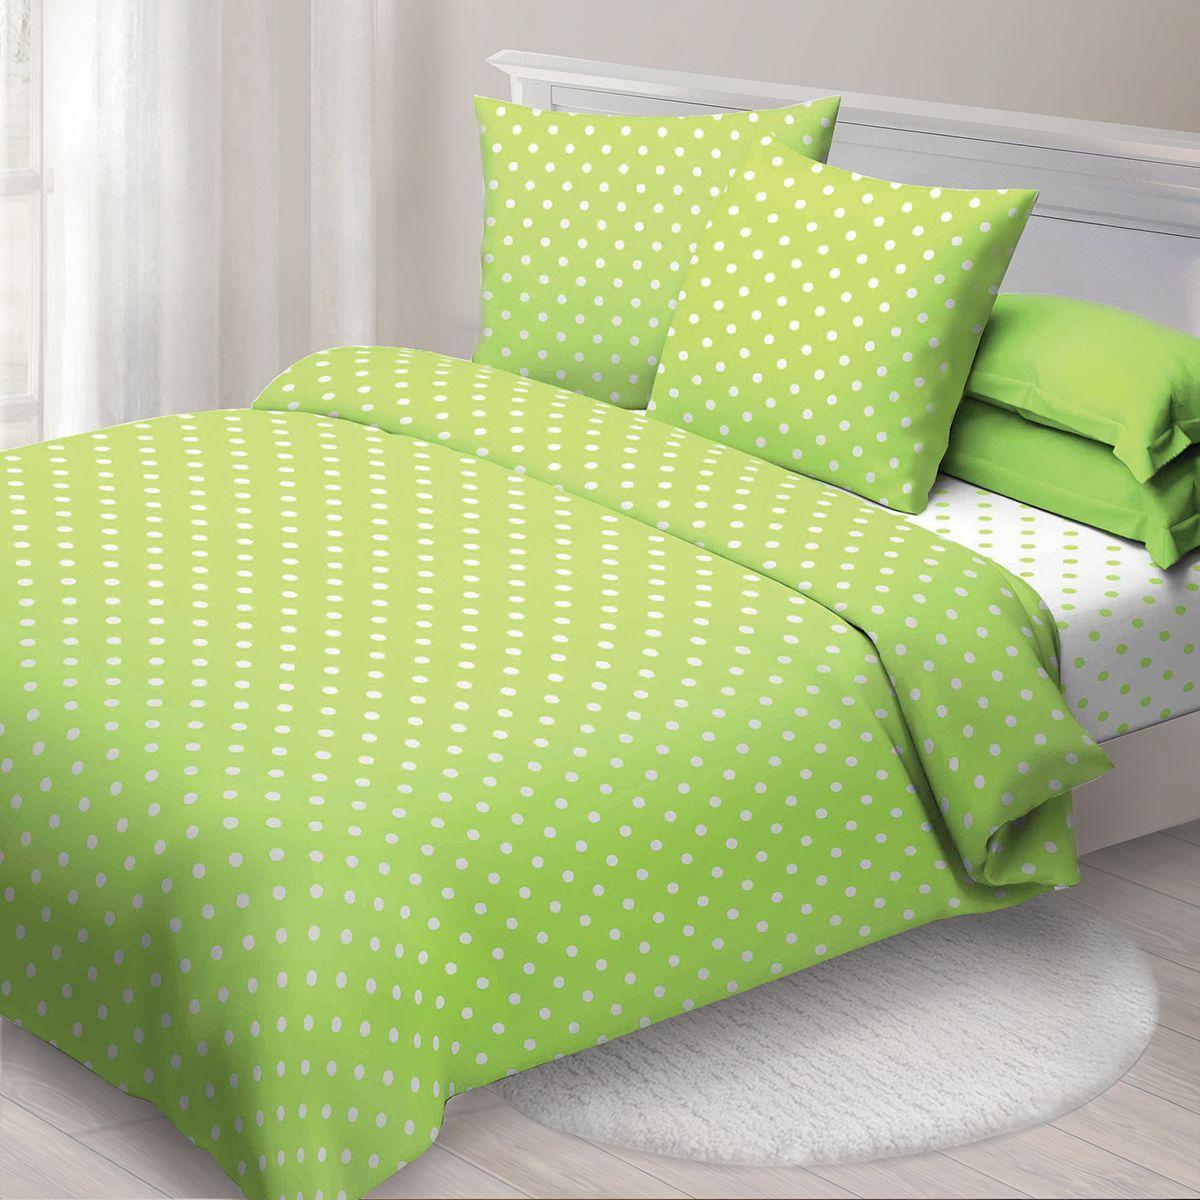 Комплект белья Спал Спалыч Бетти , семейный, наволочки 70x70, цвет: зеленый. 4080-182477